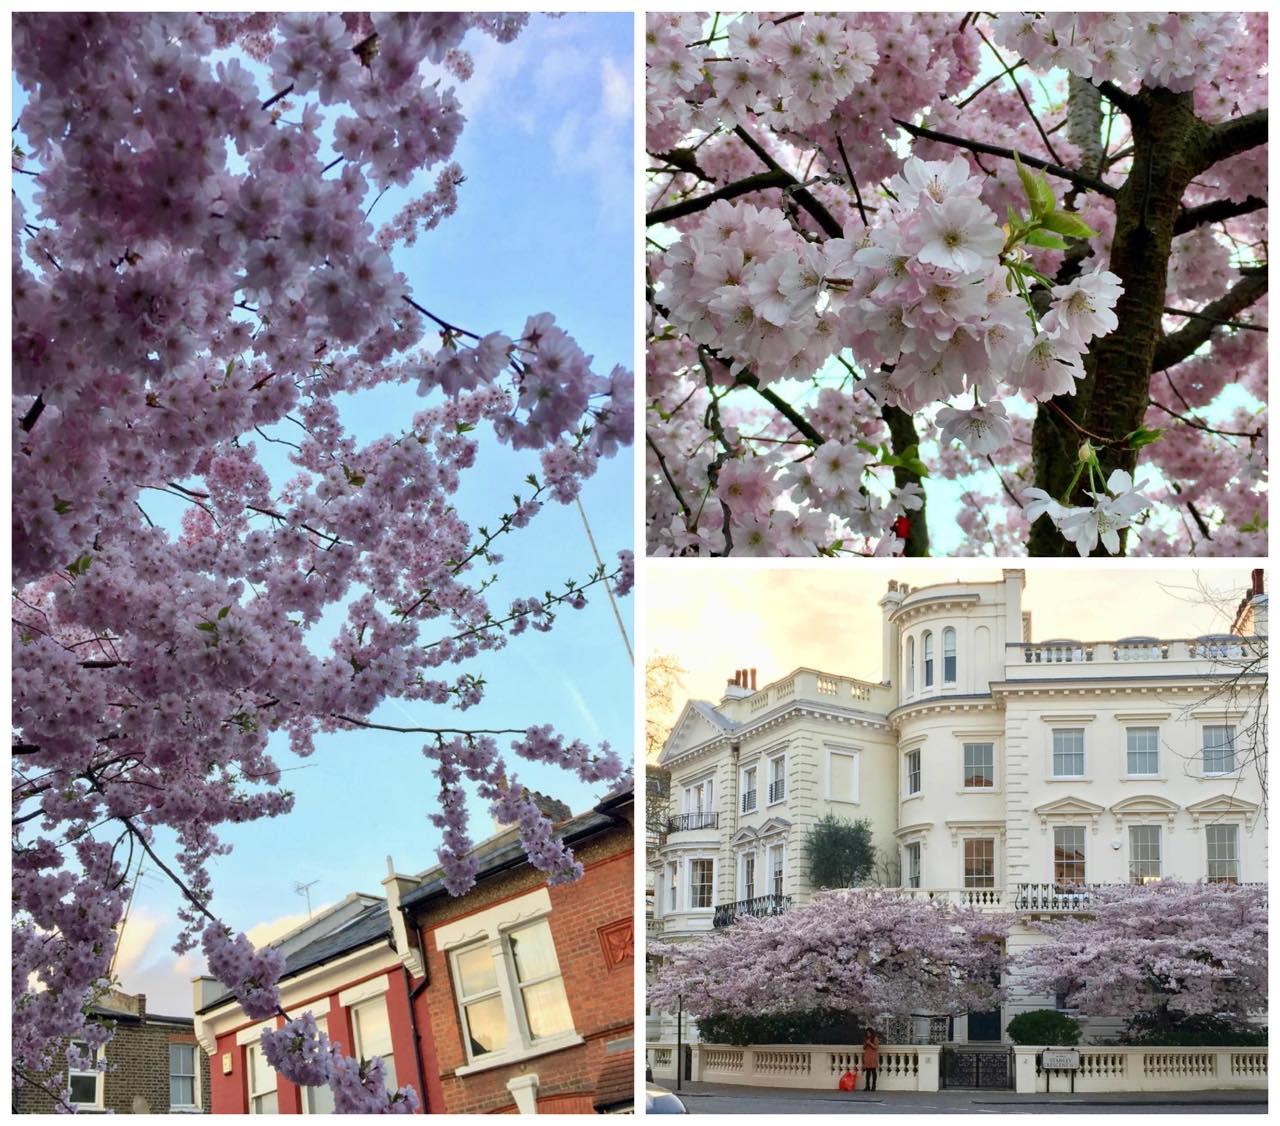 北ロンドンから西にかけてのお花風景。桜だと思うんですが・・・花にはあまり詳しくなく ^^;   ロンドンはアーモンドの花が多いのですが、これは桜かな??